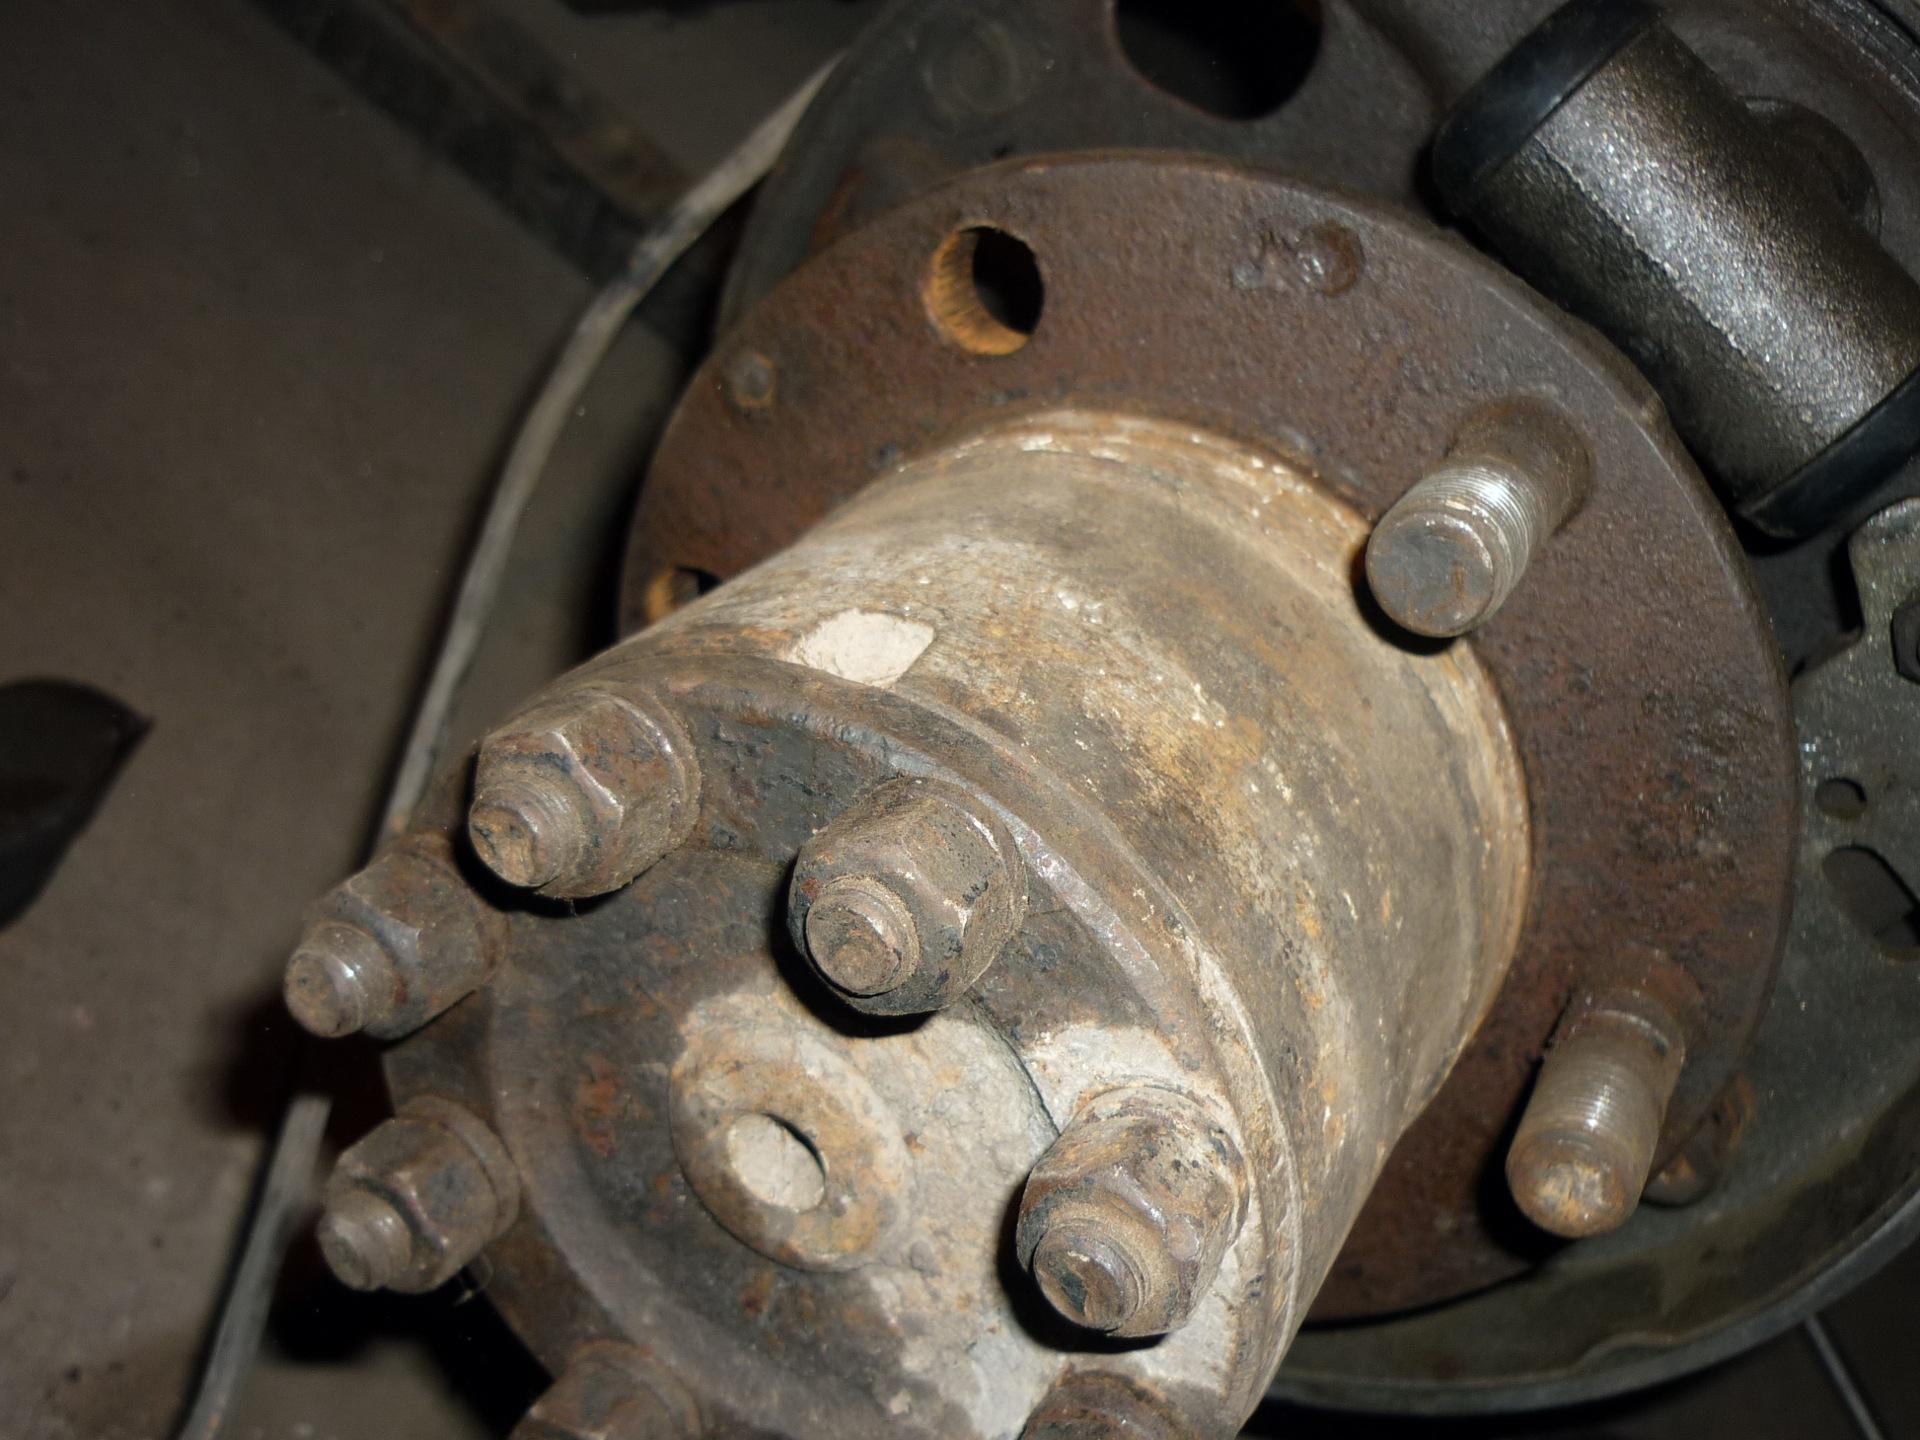 Замена шпилек заднего колеса форд транзит спарко фото 545-186